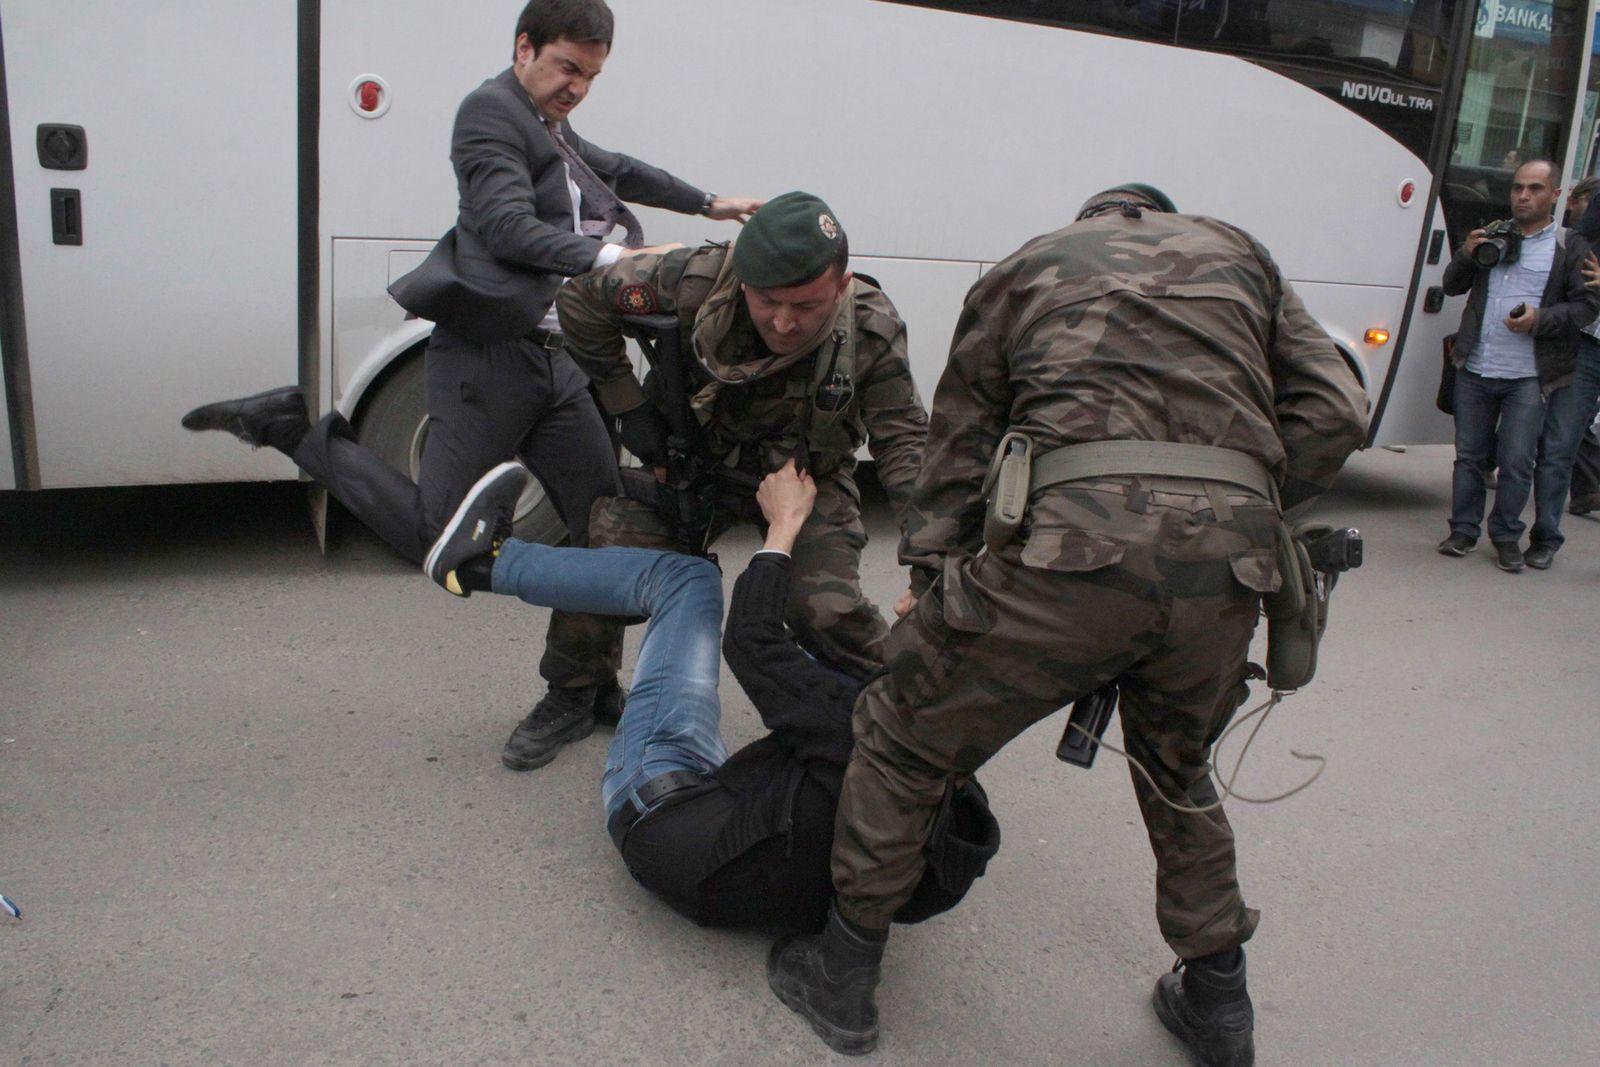 Türkei/ Minenunglück/ Protest/ Yusuf Yerkel